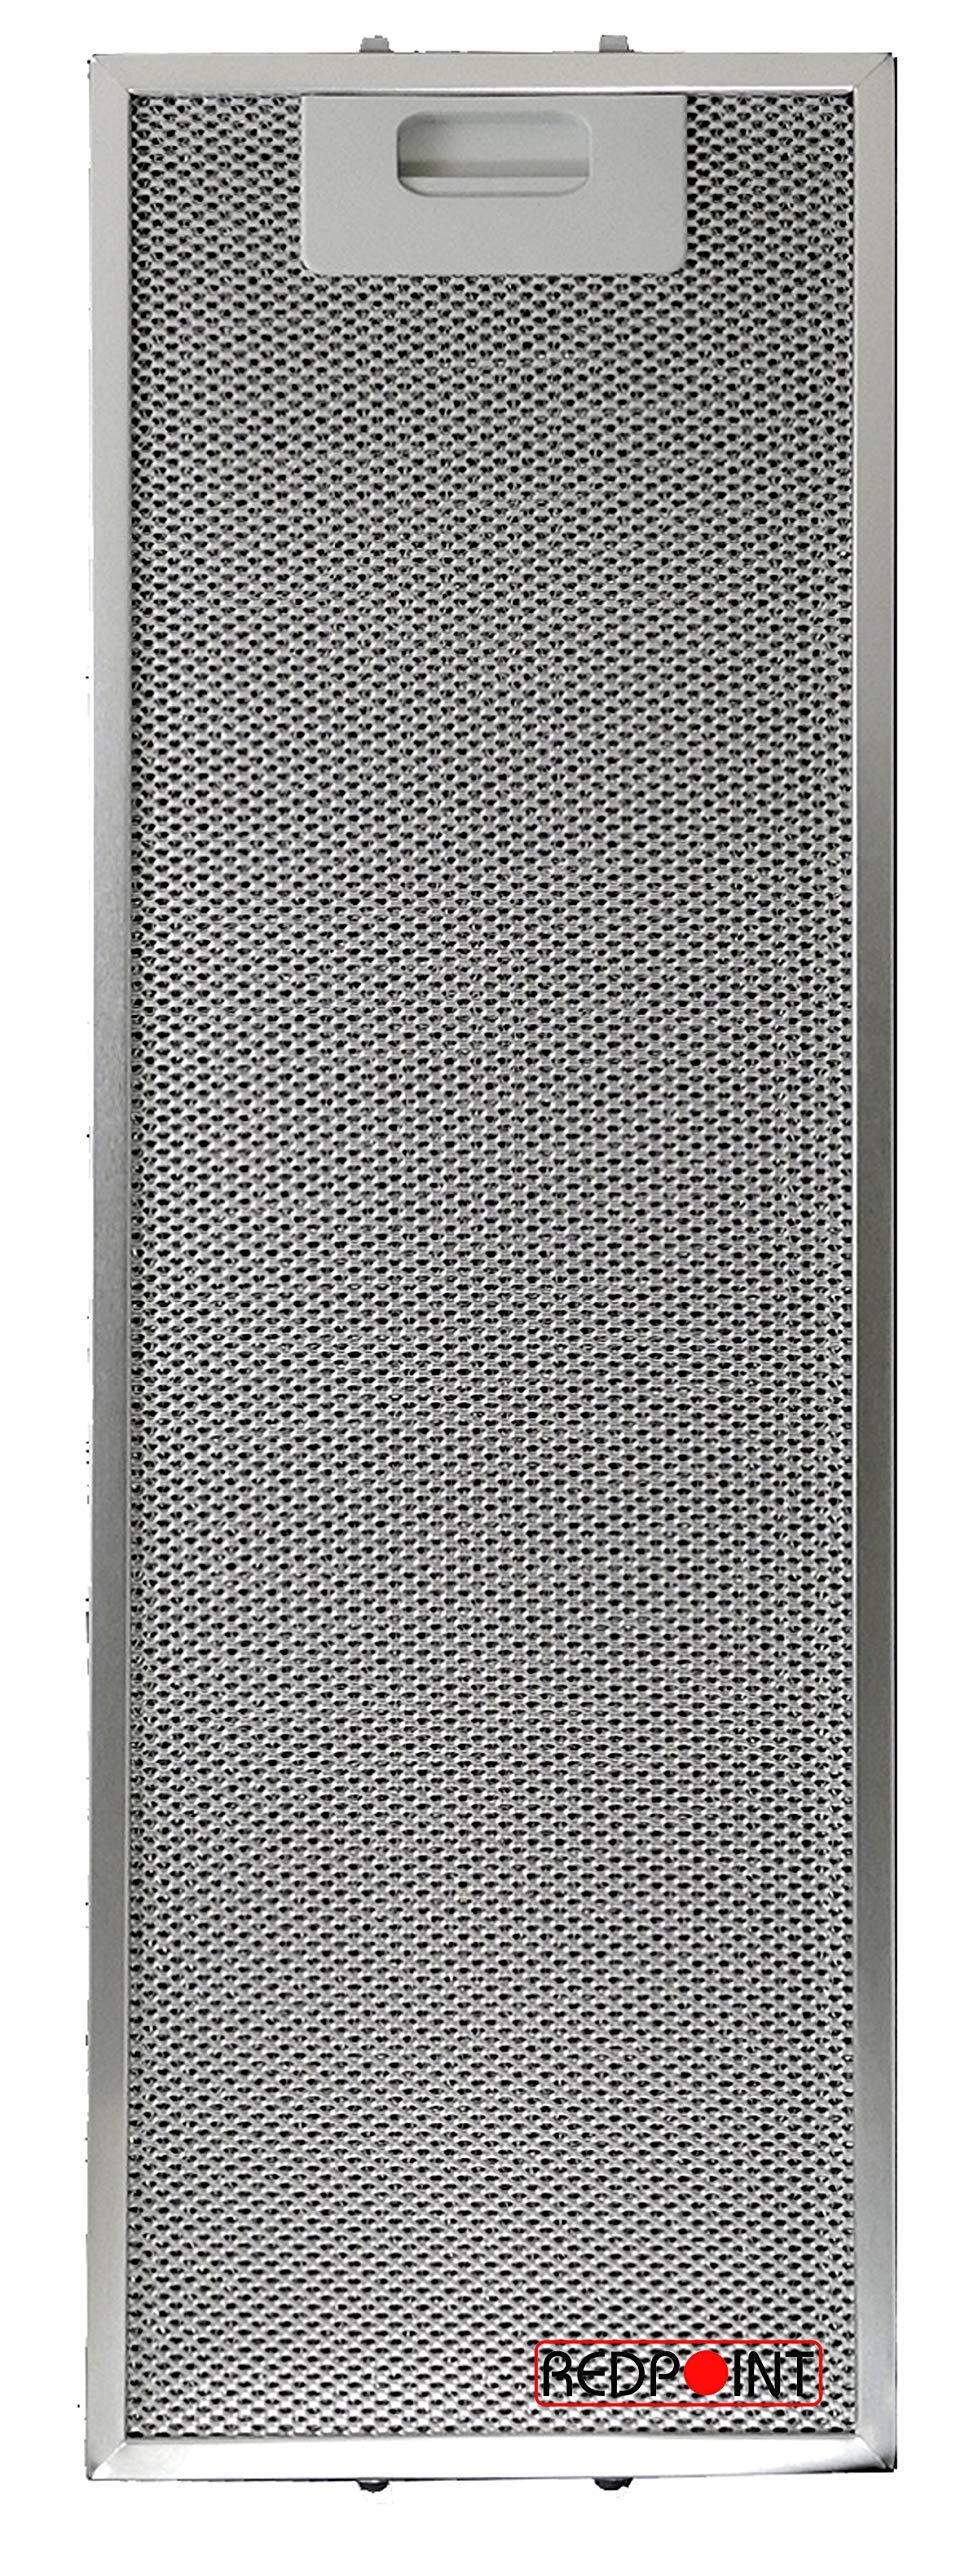 Filtro aluminio para campanas extractoras Hélices mm.177 x 533 x 9: Amazon.es: Grandes electrodomésticos